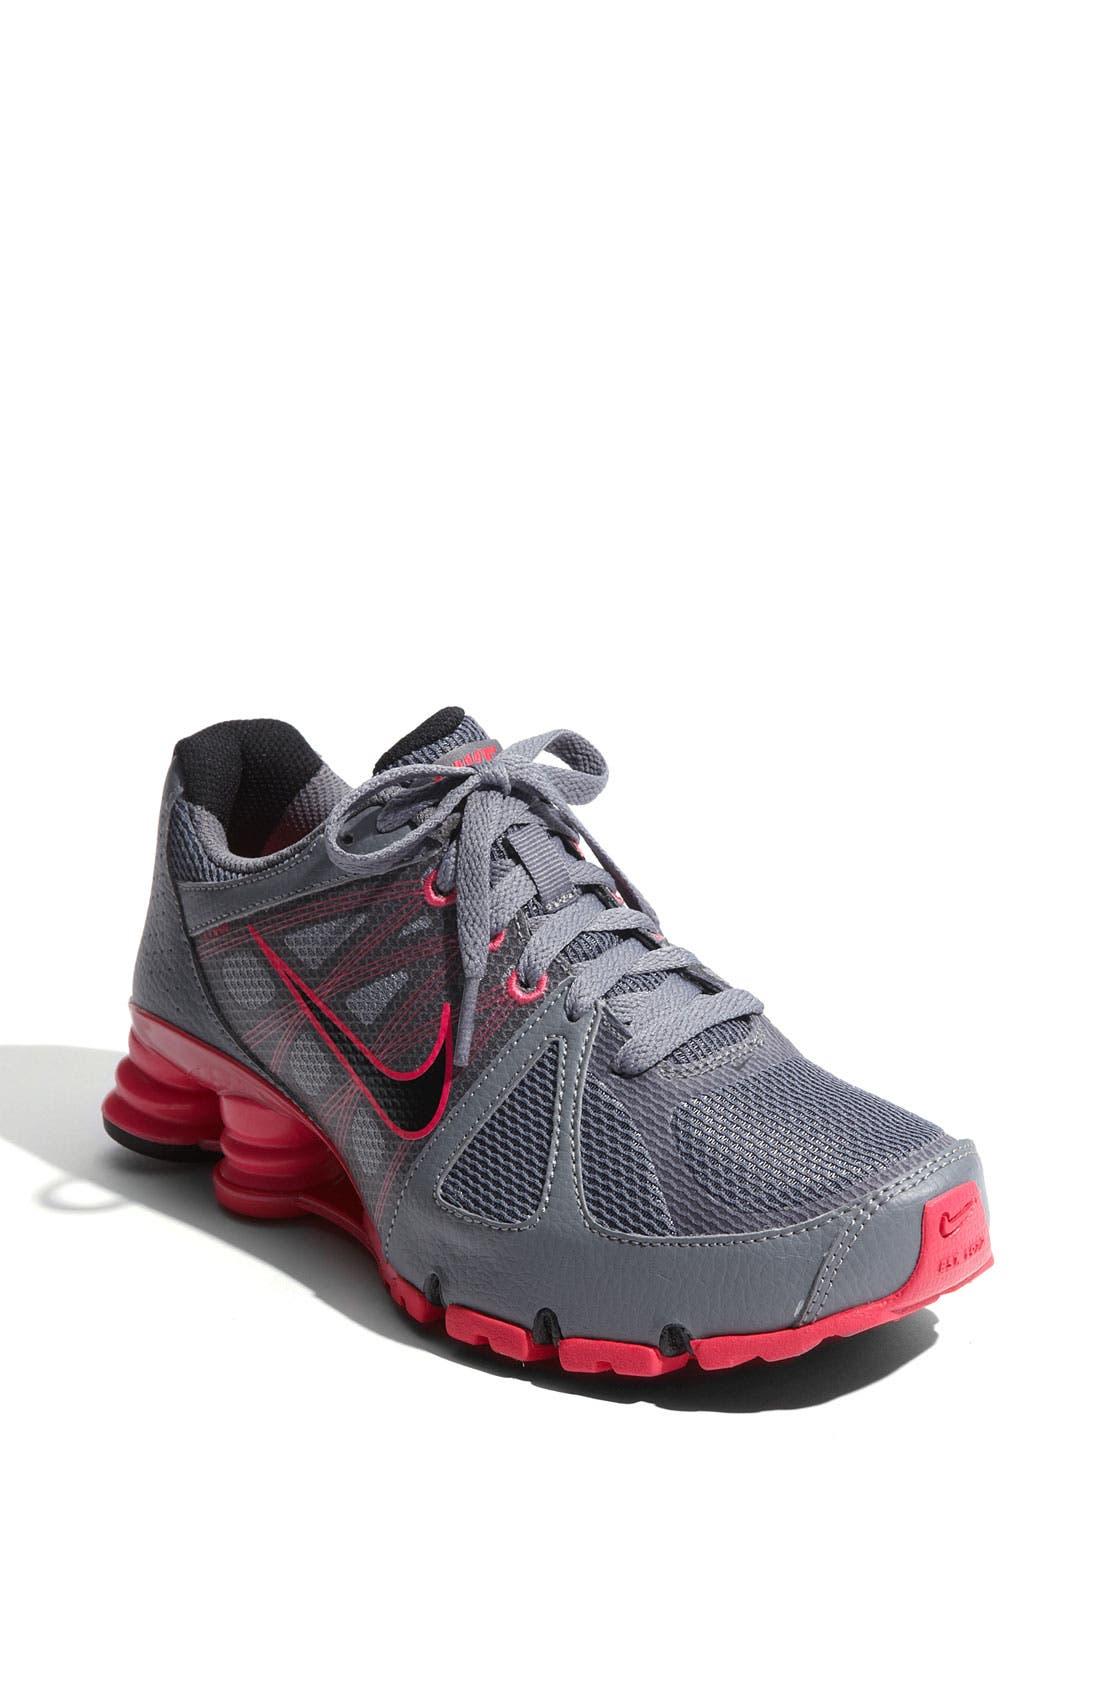 3dfc78b6ad7 Nike Shox Size 1 Girls Soccer Cleats For Women Taiwan Wholesale Nike ...